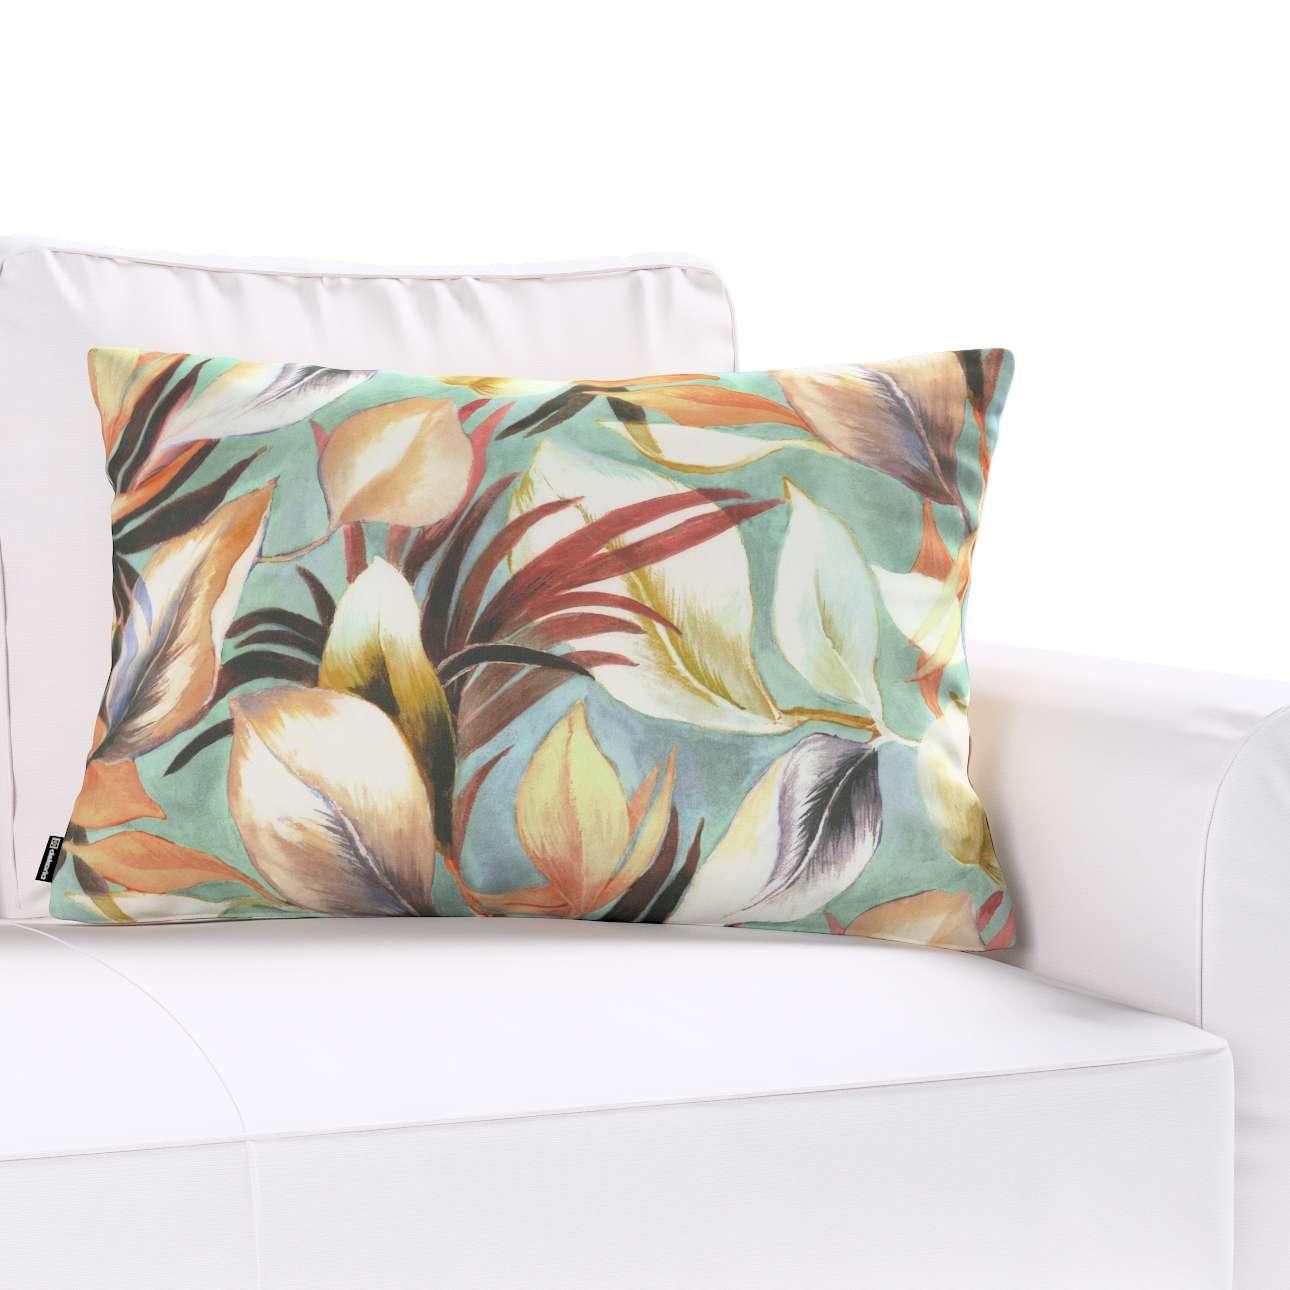 Poszewka Kinga na poduszkę prostokątną w kolekcji Abigail, tkanina: 143-61